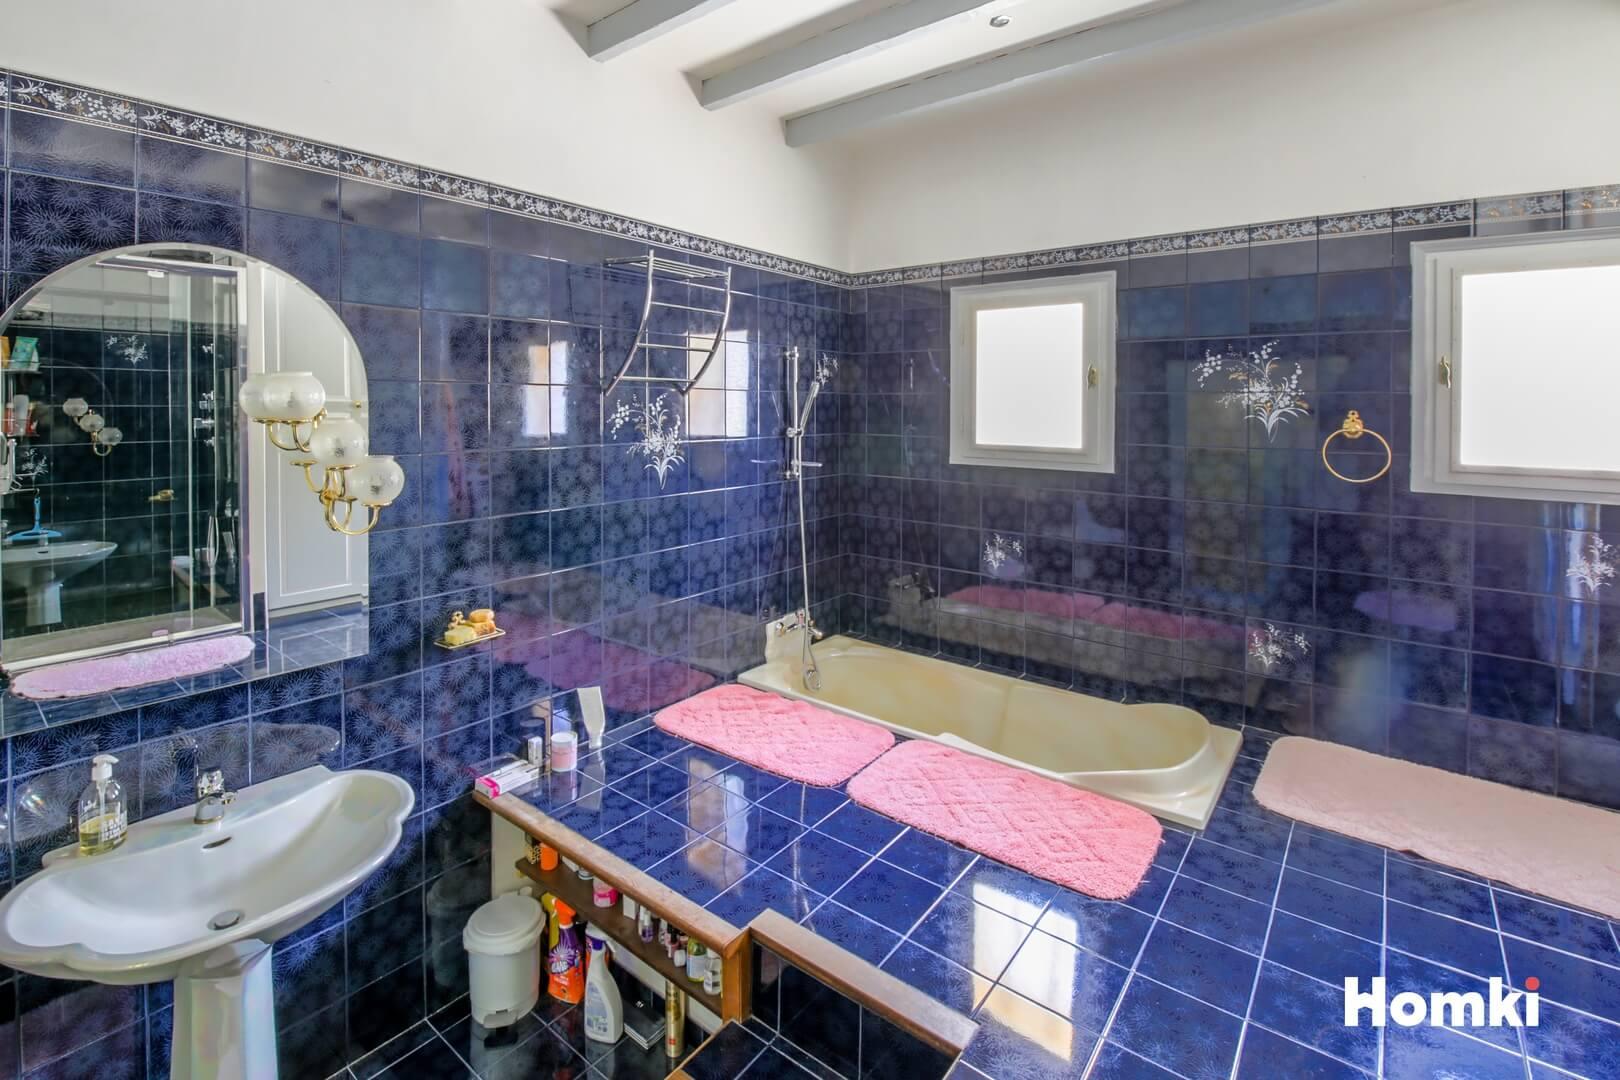 Homki - Vente Maison/villa  de 176.0 m² à rocbaron 83136